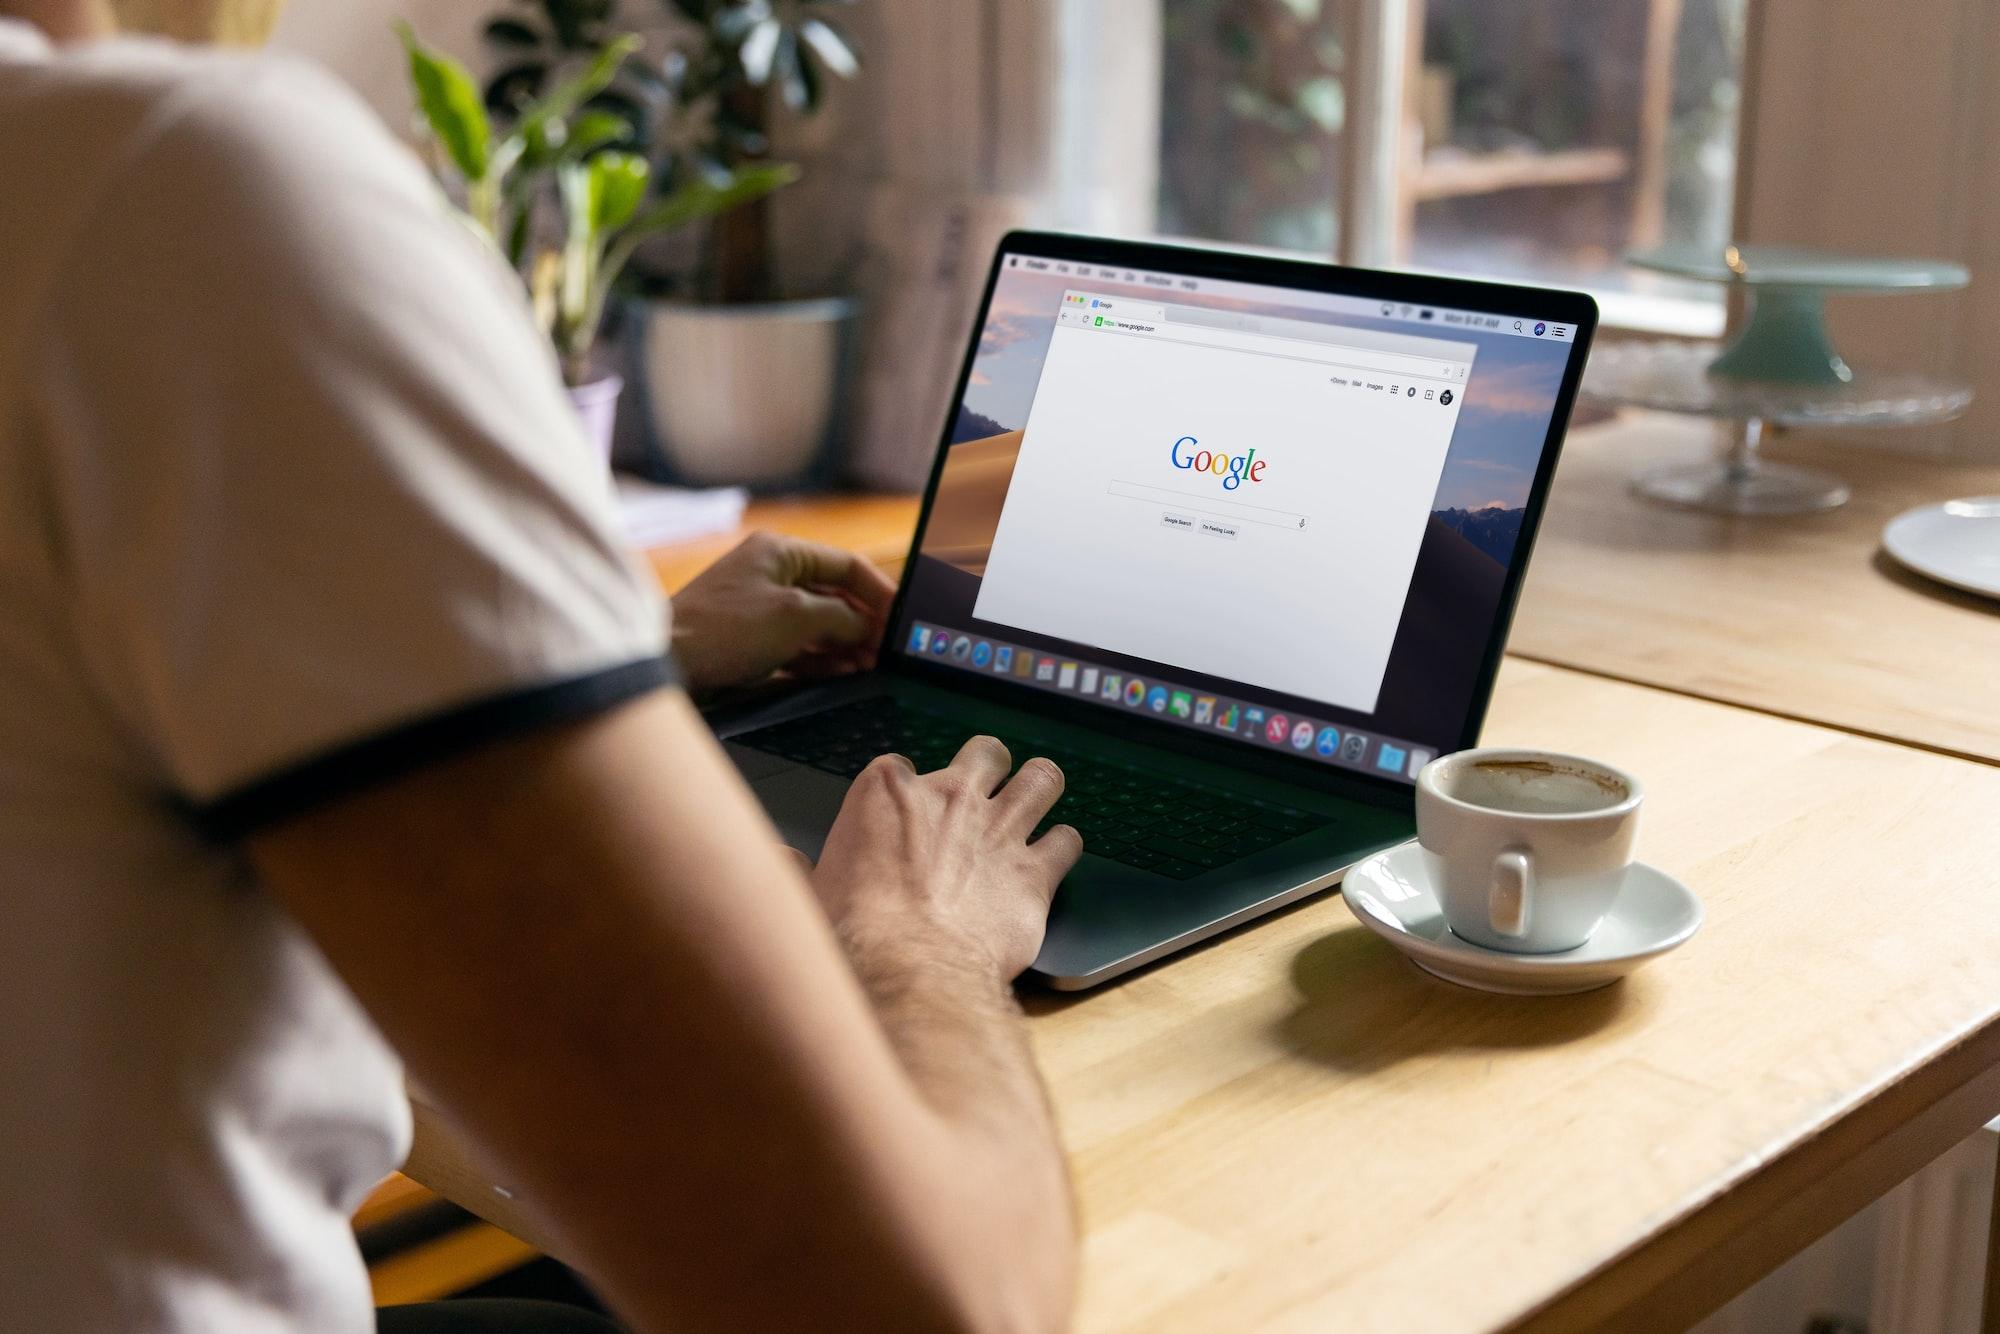 Враг среди нас: как убедиться в безопасности расширений браузера